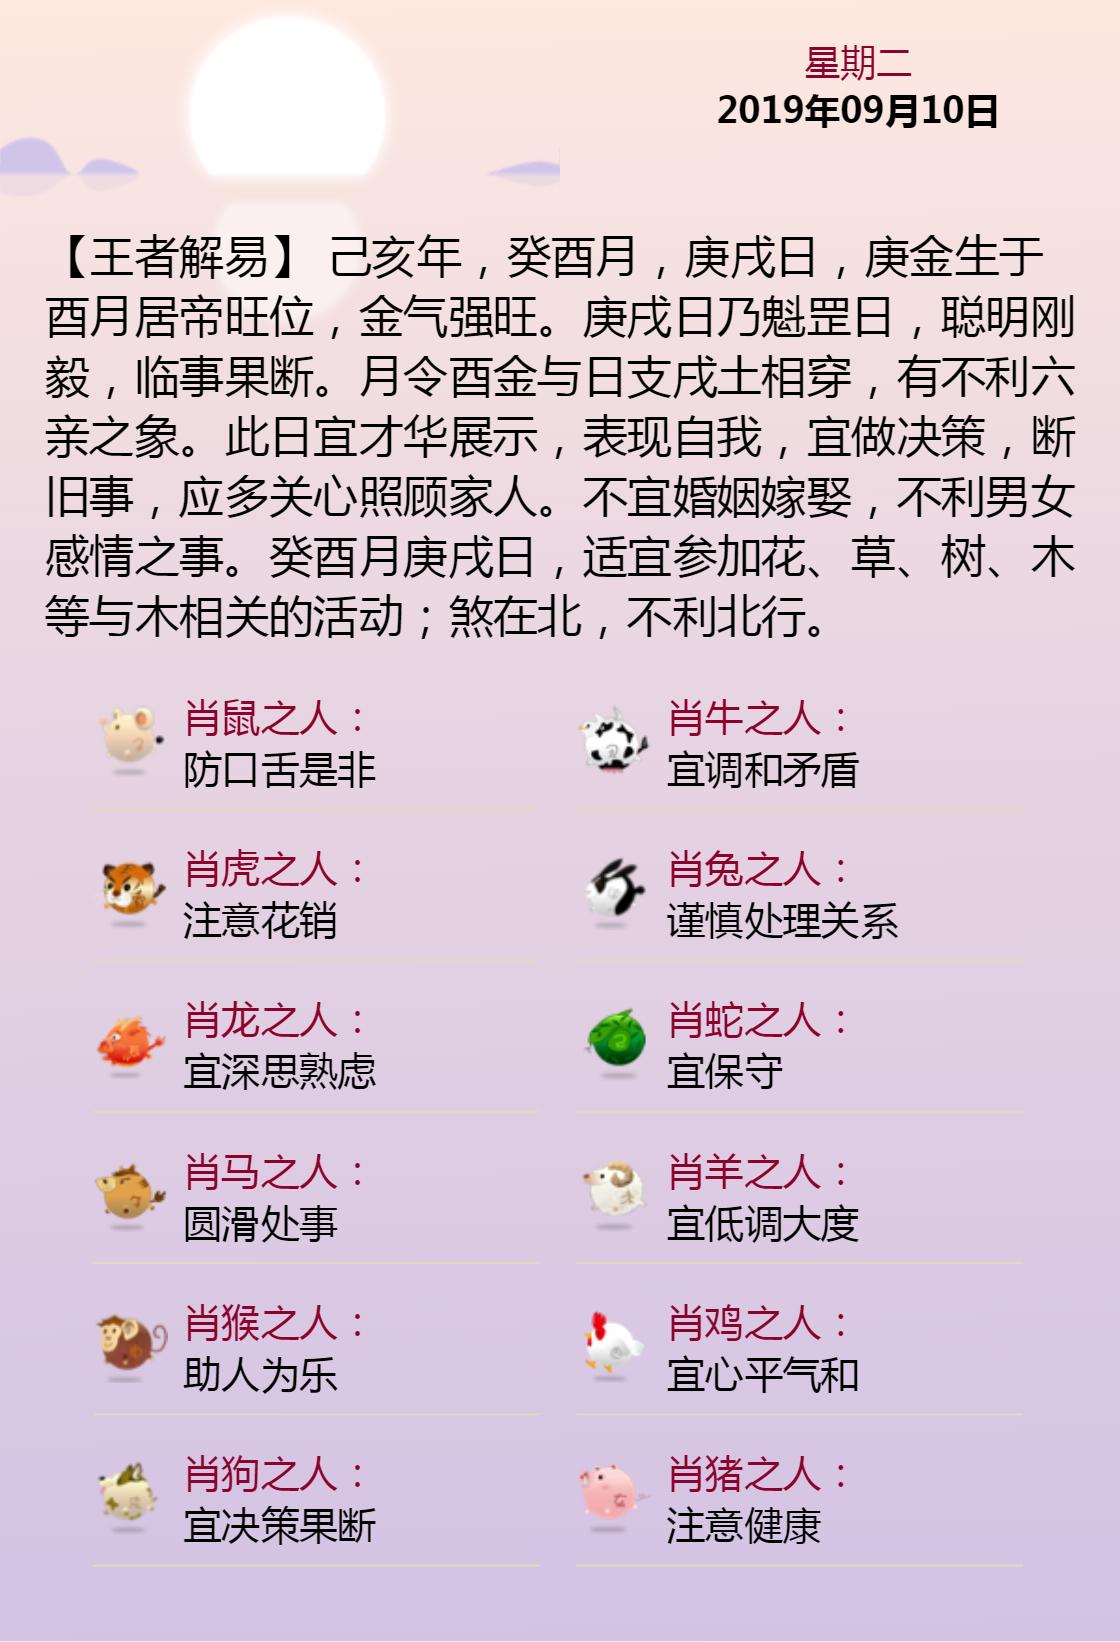 黄历海报20190910.png